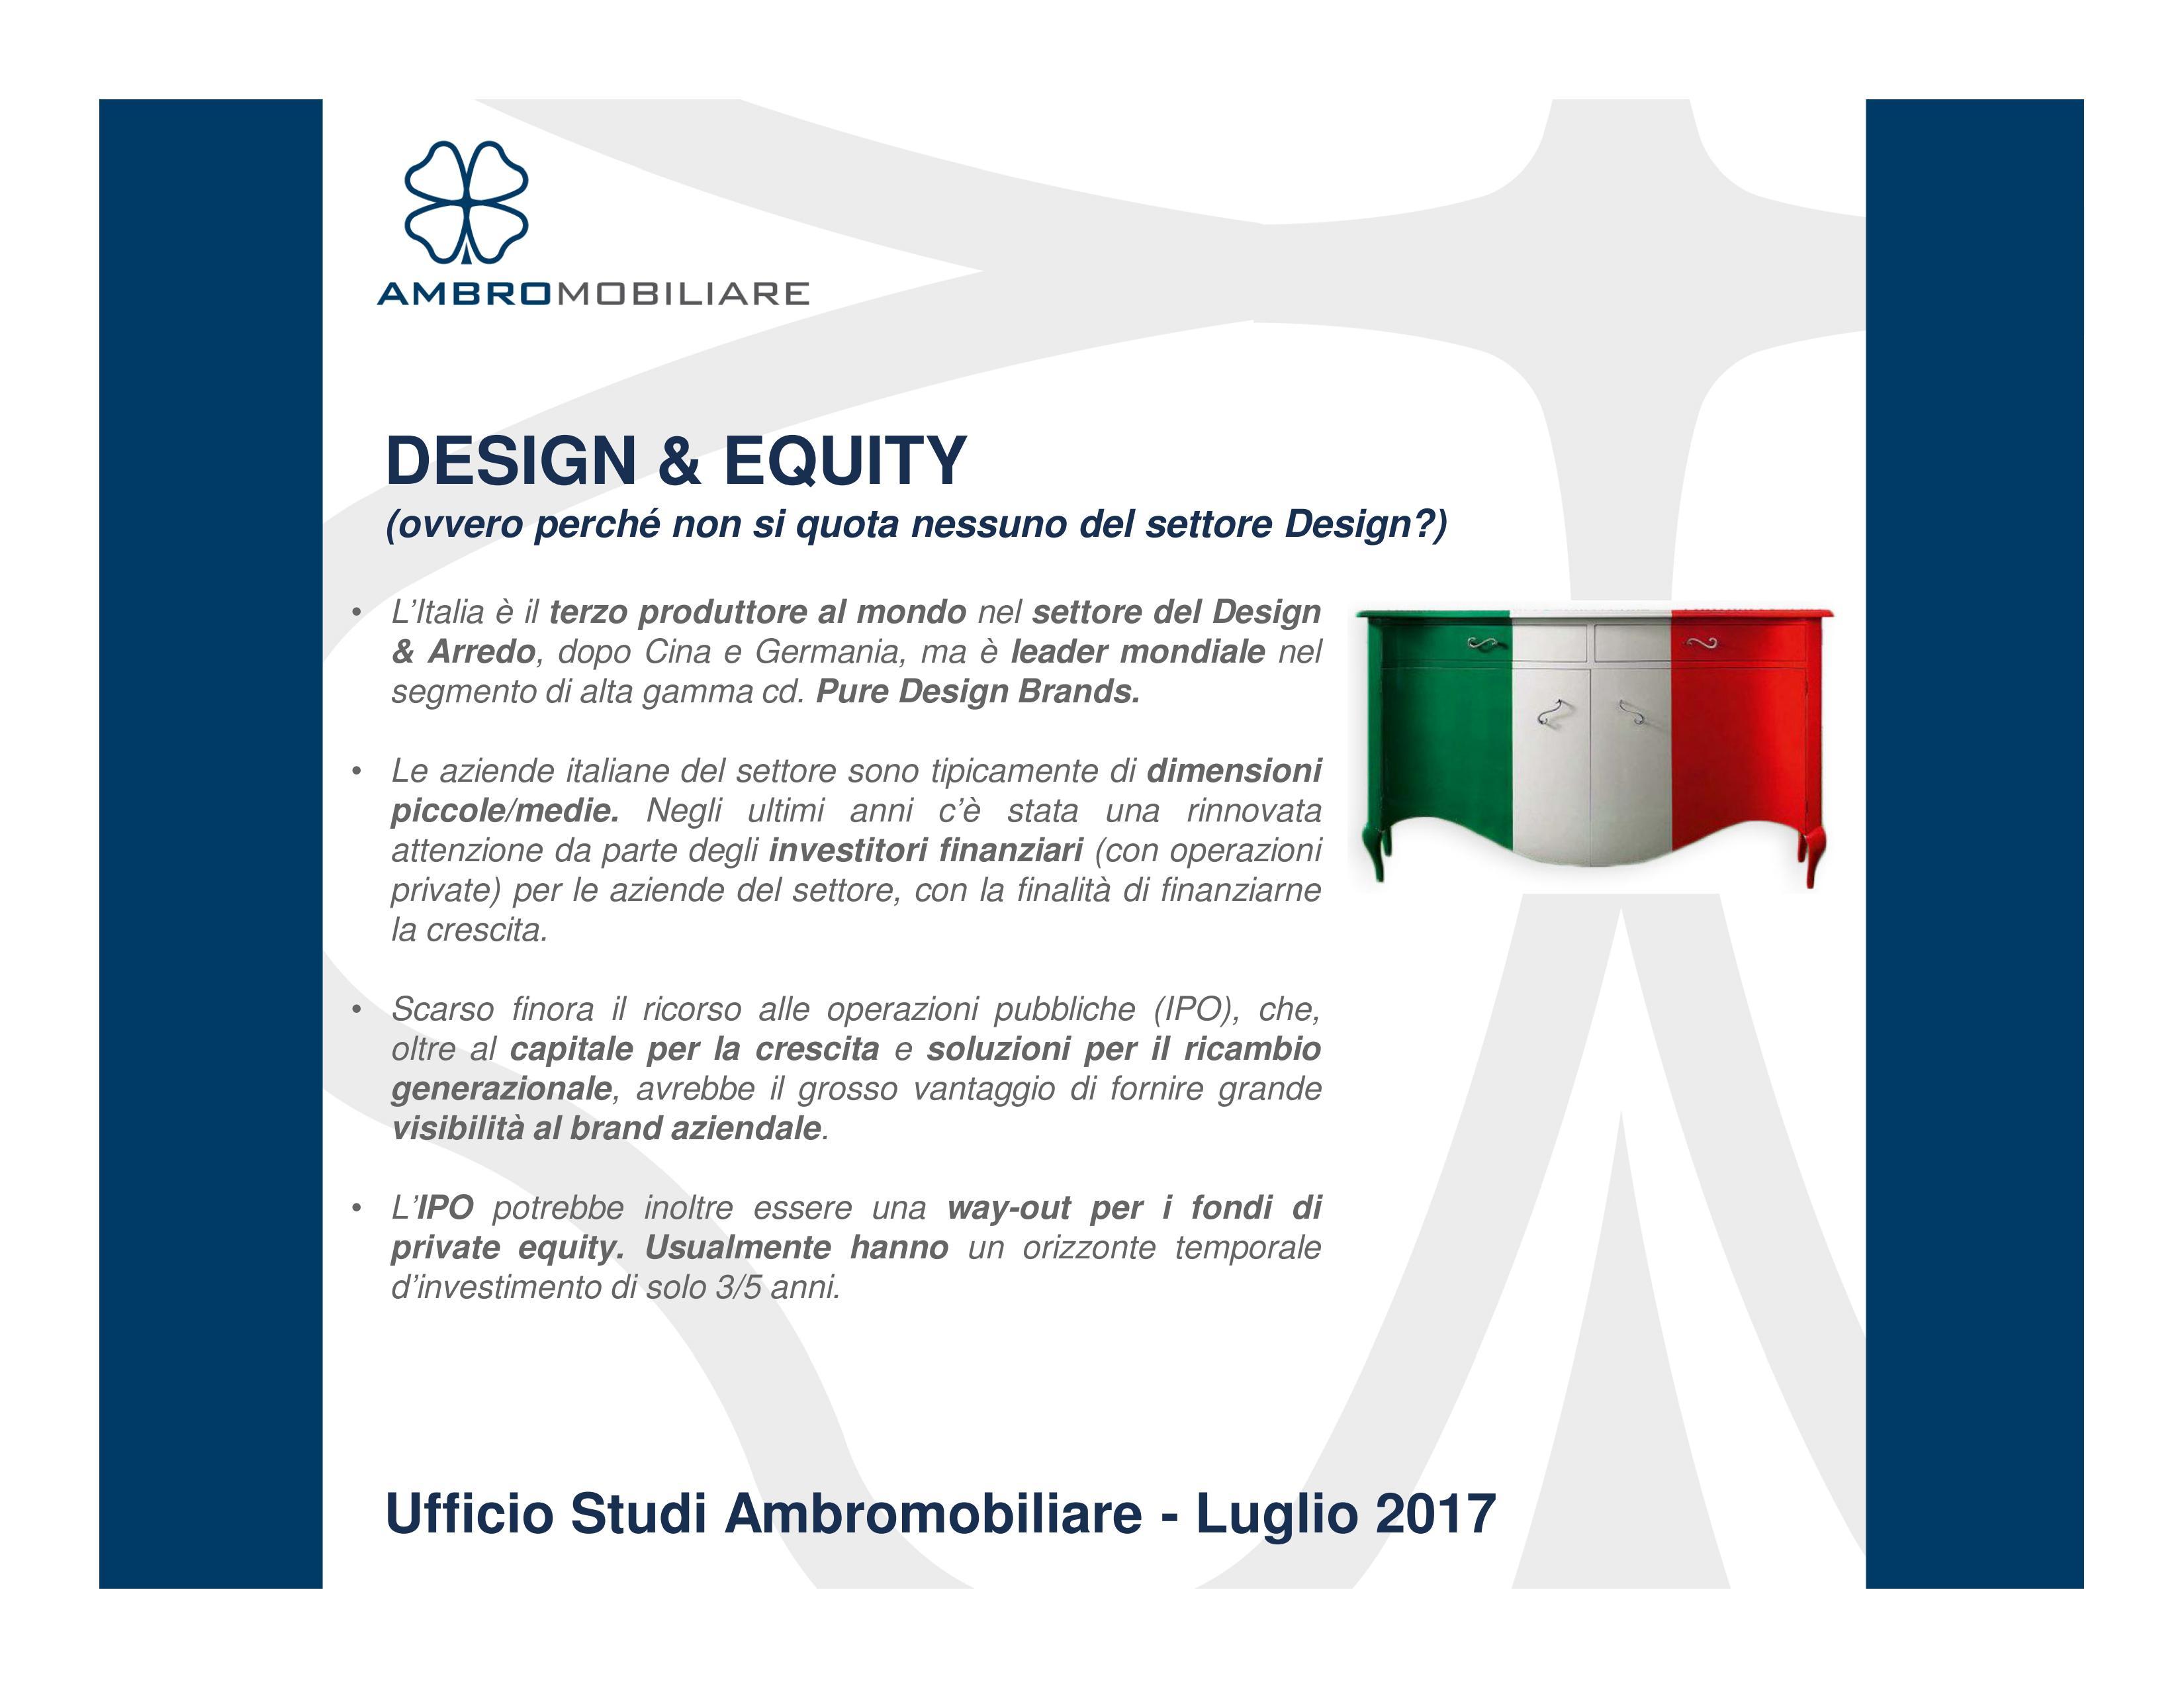 Ufficio studi ambromobiliare design equity for Ufficio stampa design